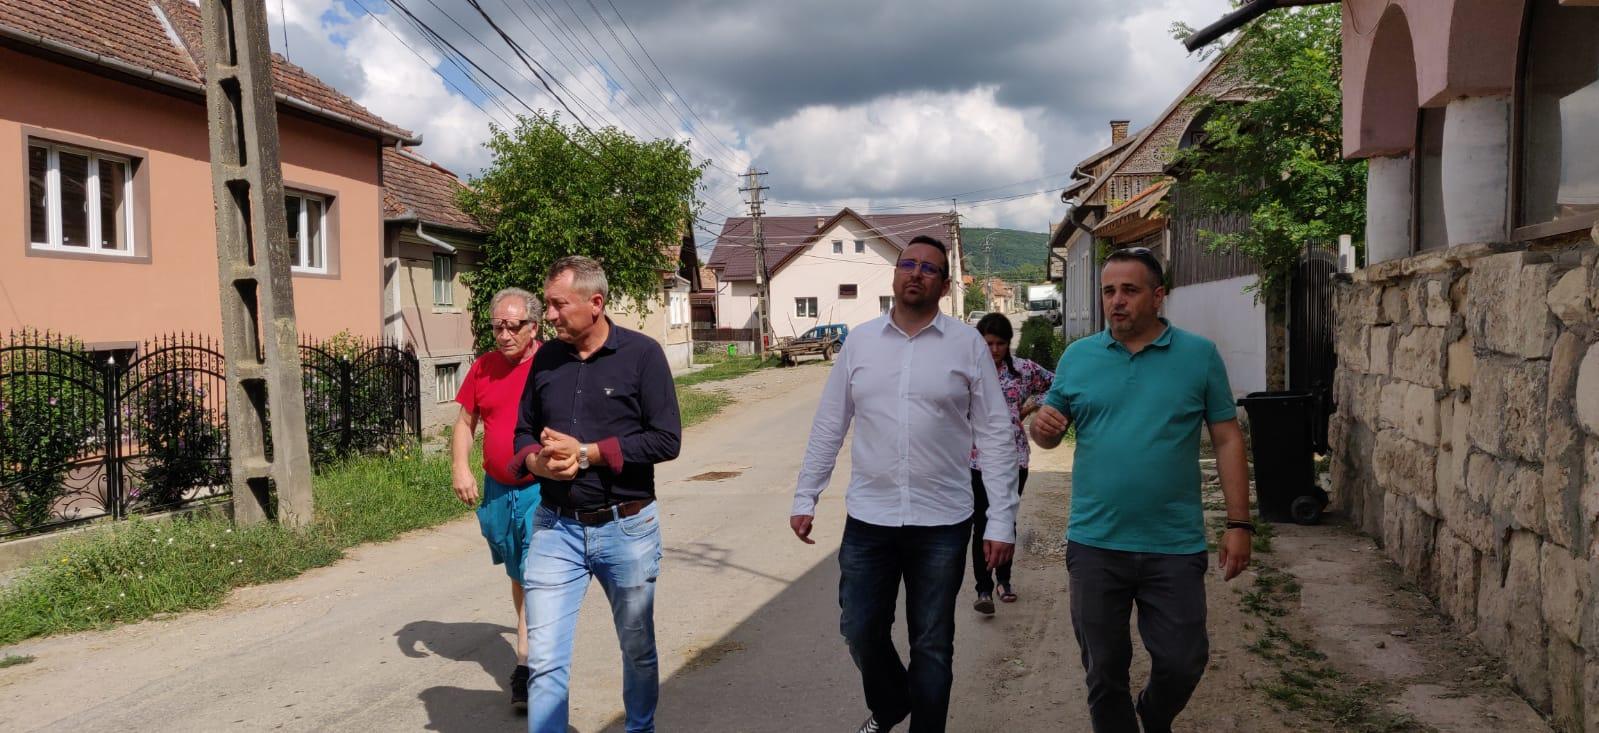 Deputatul Horia Nasra cere Consiliului Județean să finalizeze proiectul de alimentare cu apă potabilă în satele Mera, Rădaia și Suceagu din comuna Baciu